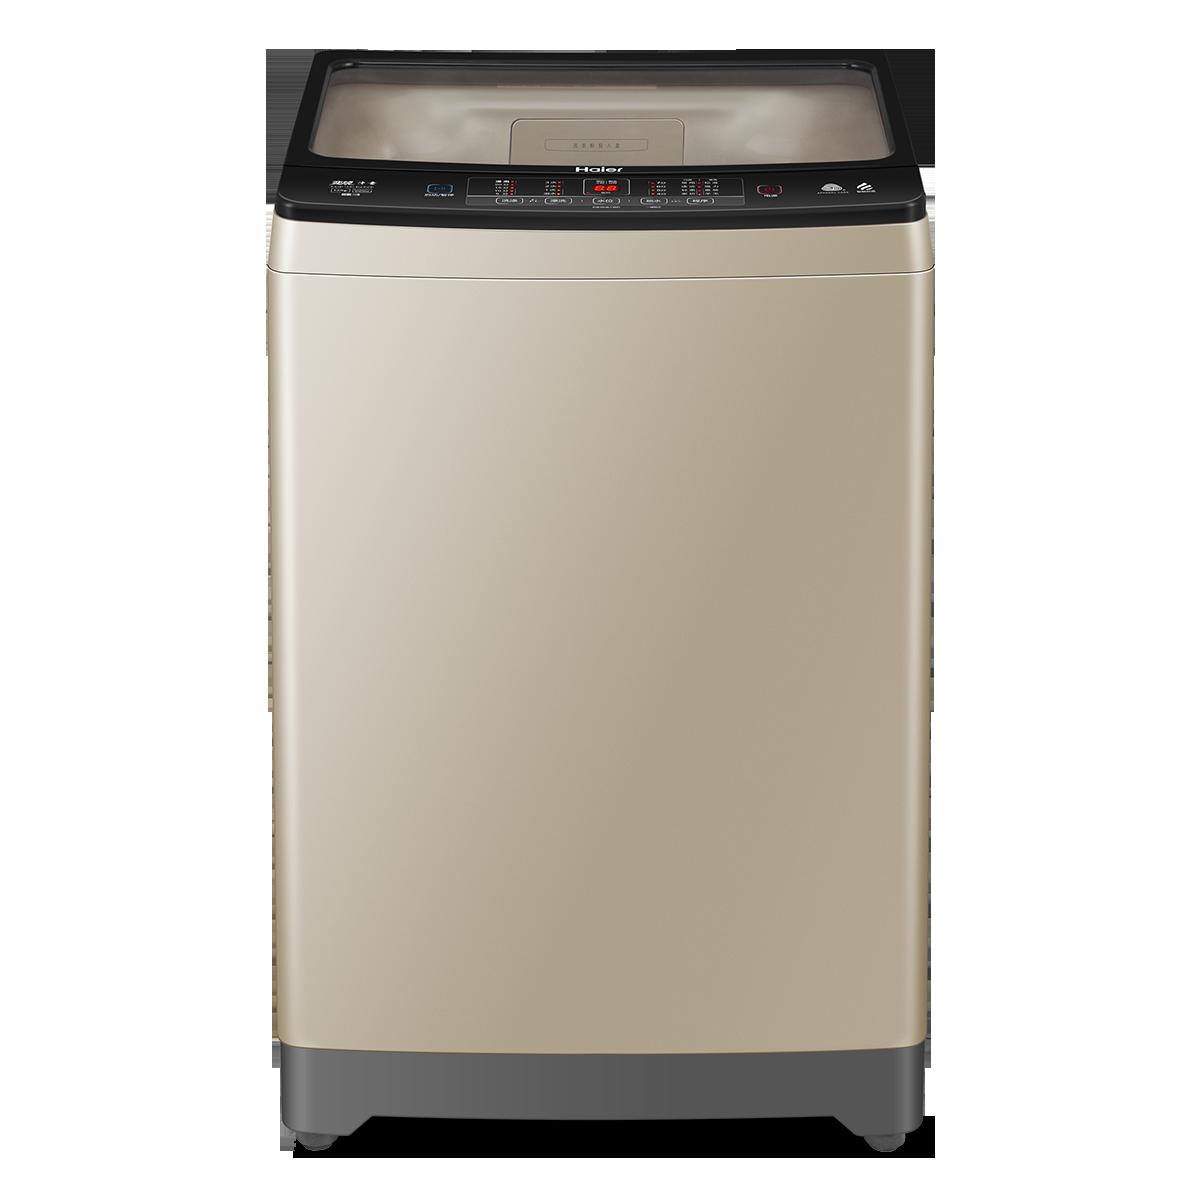 海尔Haier洗衣机 XQB100-BZ826 说明书